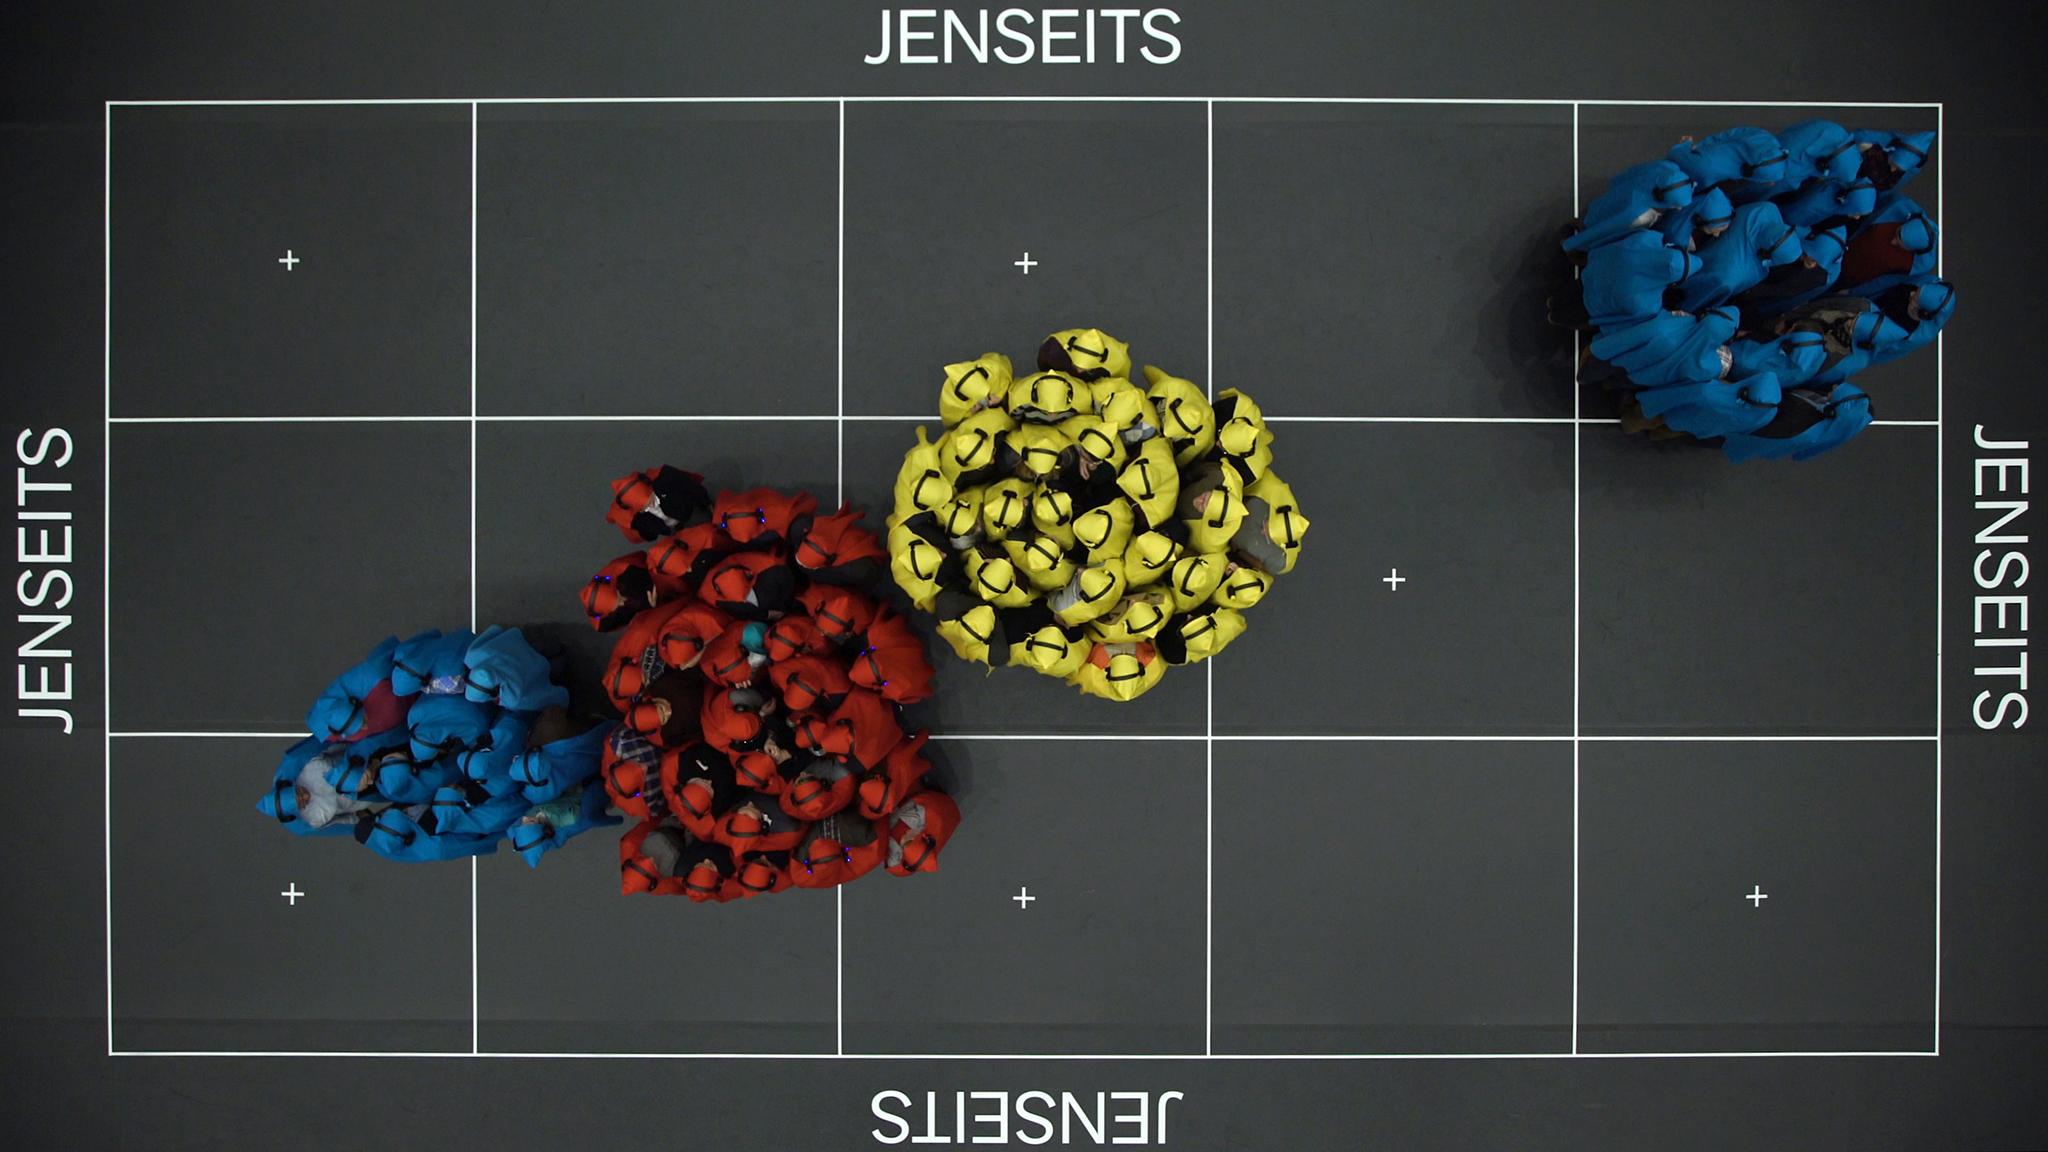 Moniker-Red%20follows%20Yellow%20follows%20Blue%20-3840x2160px-03-gradedlowerres.jpg